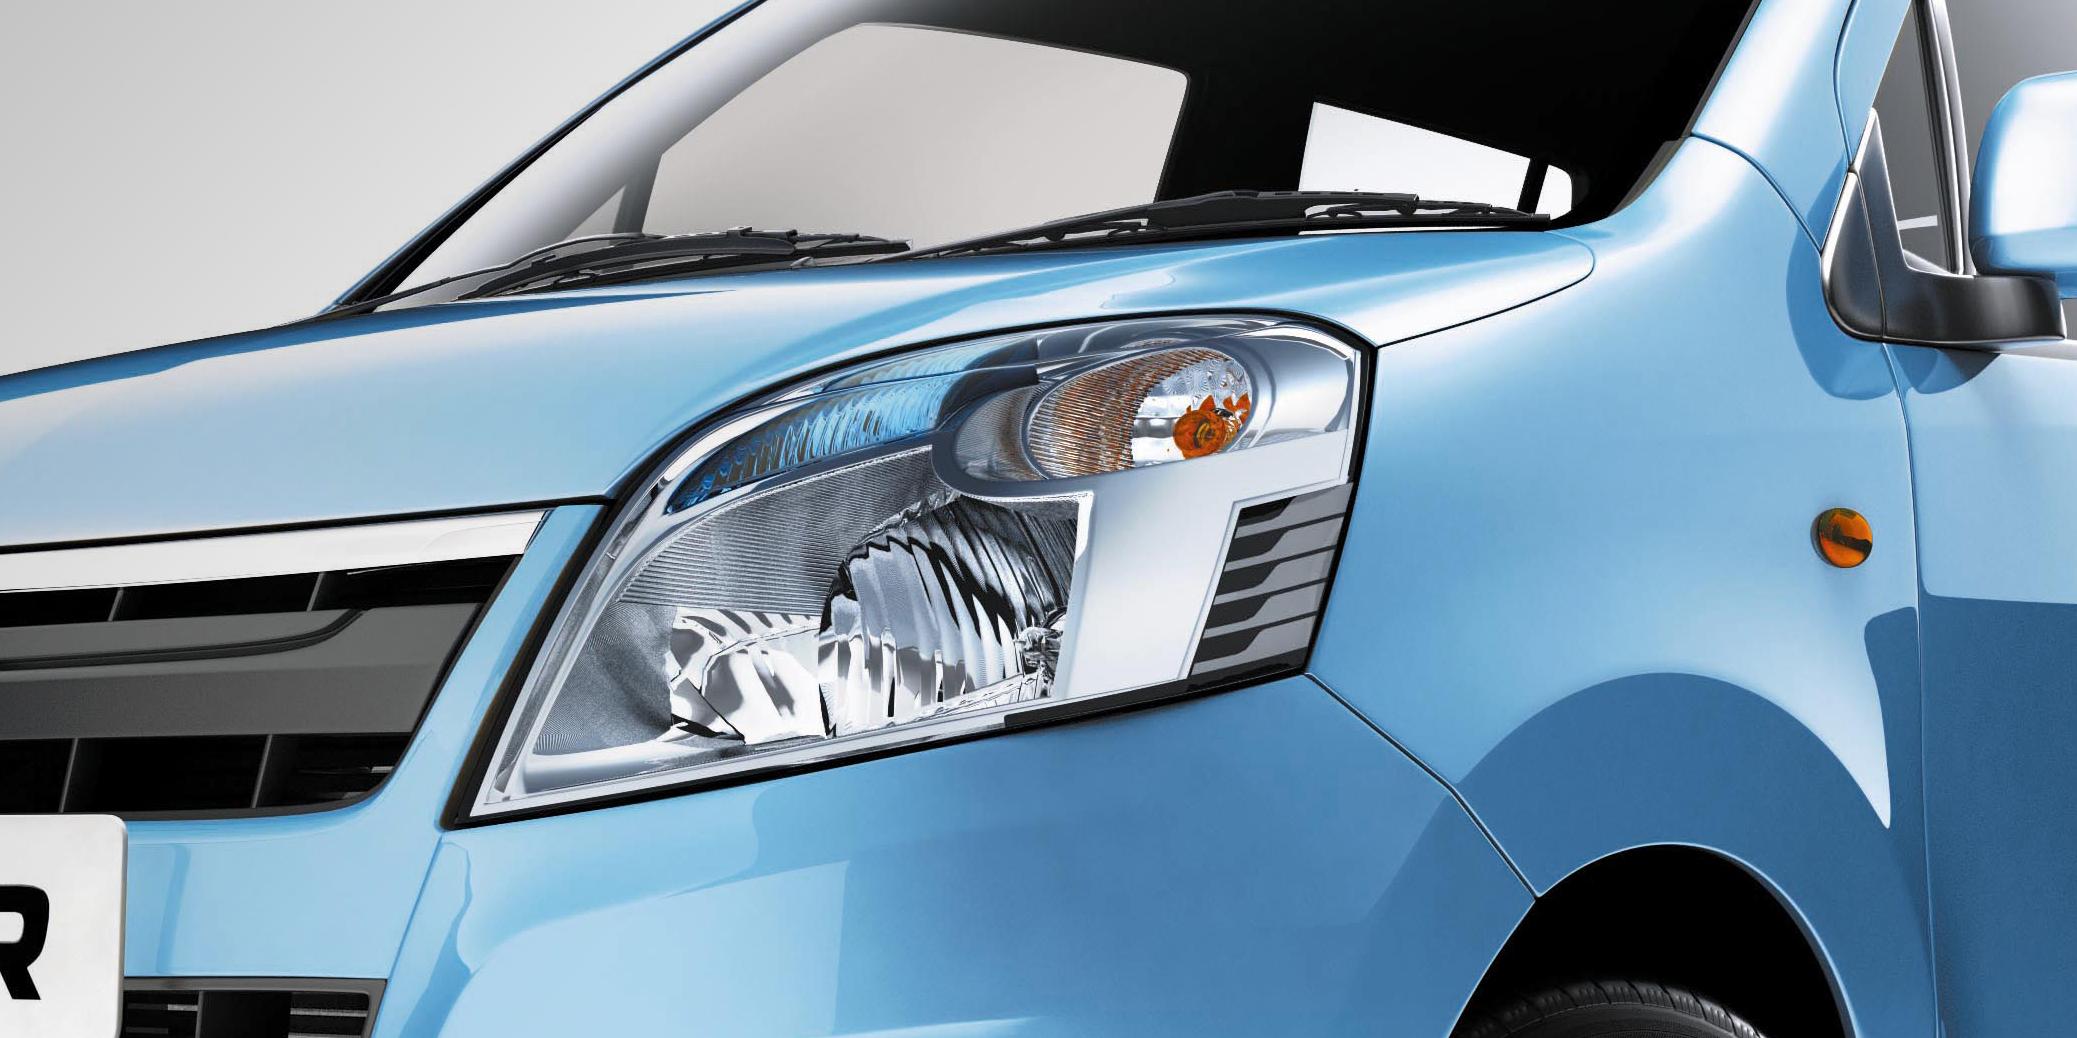 New WagonR Design – Headlamps with unique blue lens